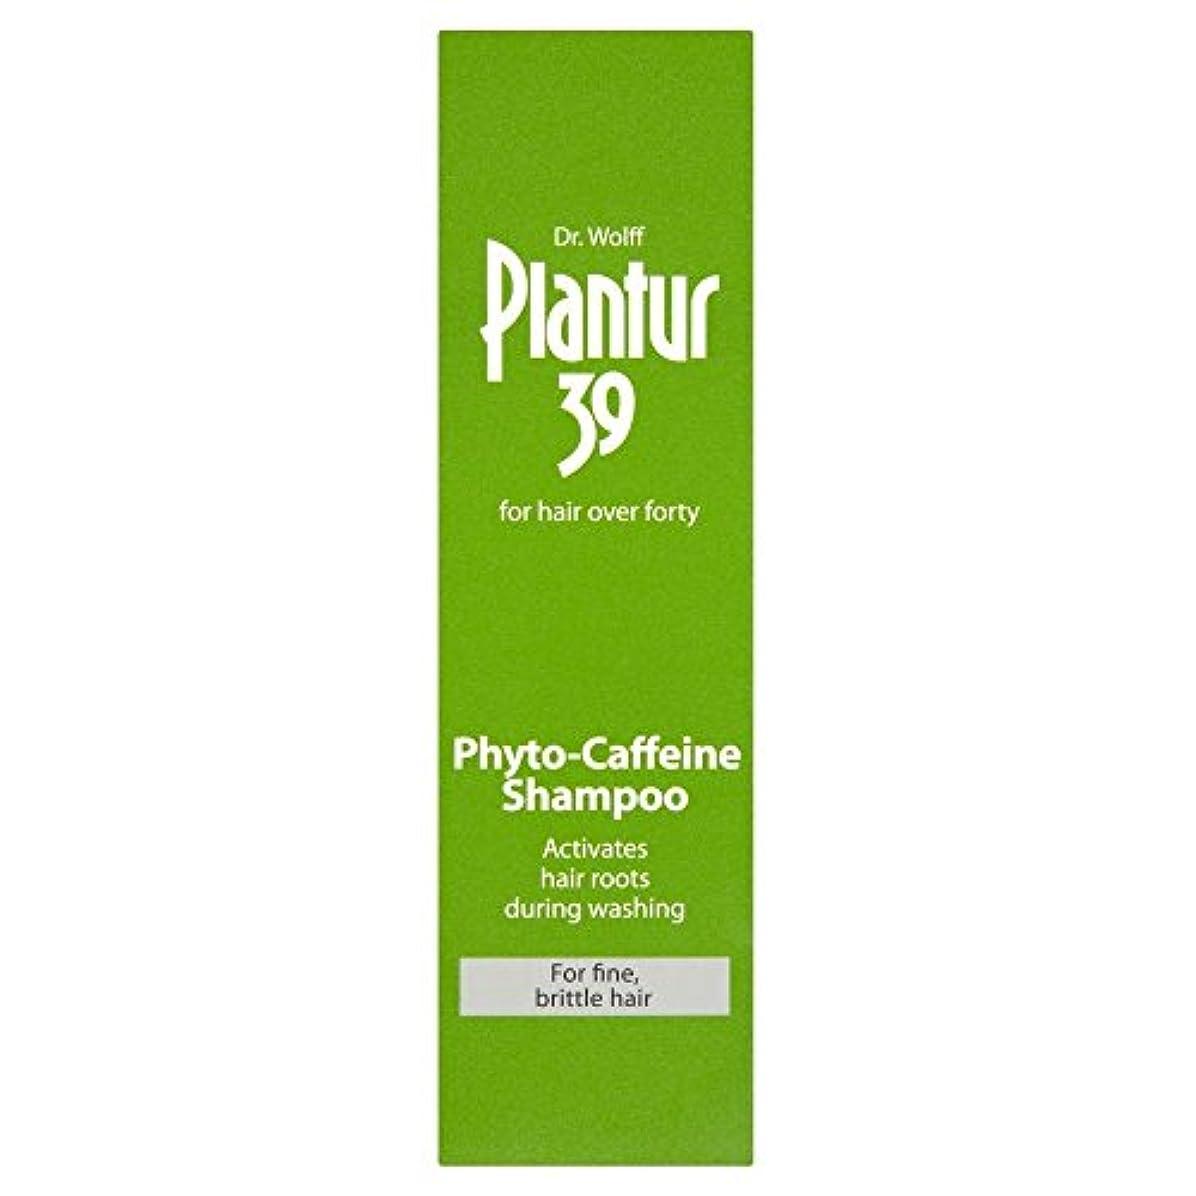 どっち敵意ジャンプするPlantur 39 Phyto Caffeine Shampoo for Coloured & Stressed Hair (250ml) 色や髪を強調した( 250ミリリットル)のための39フィトのカフェインシャンプー...